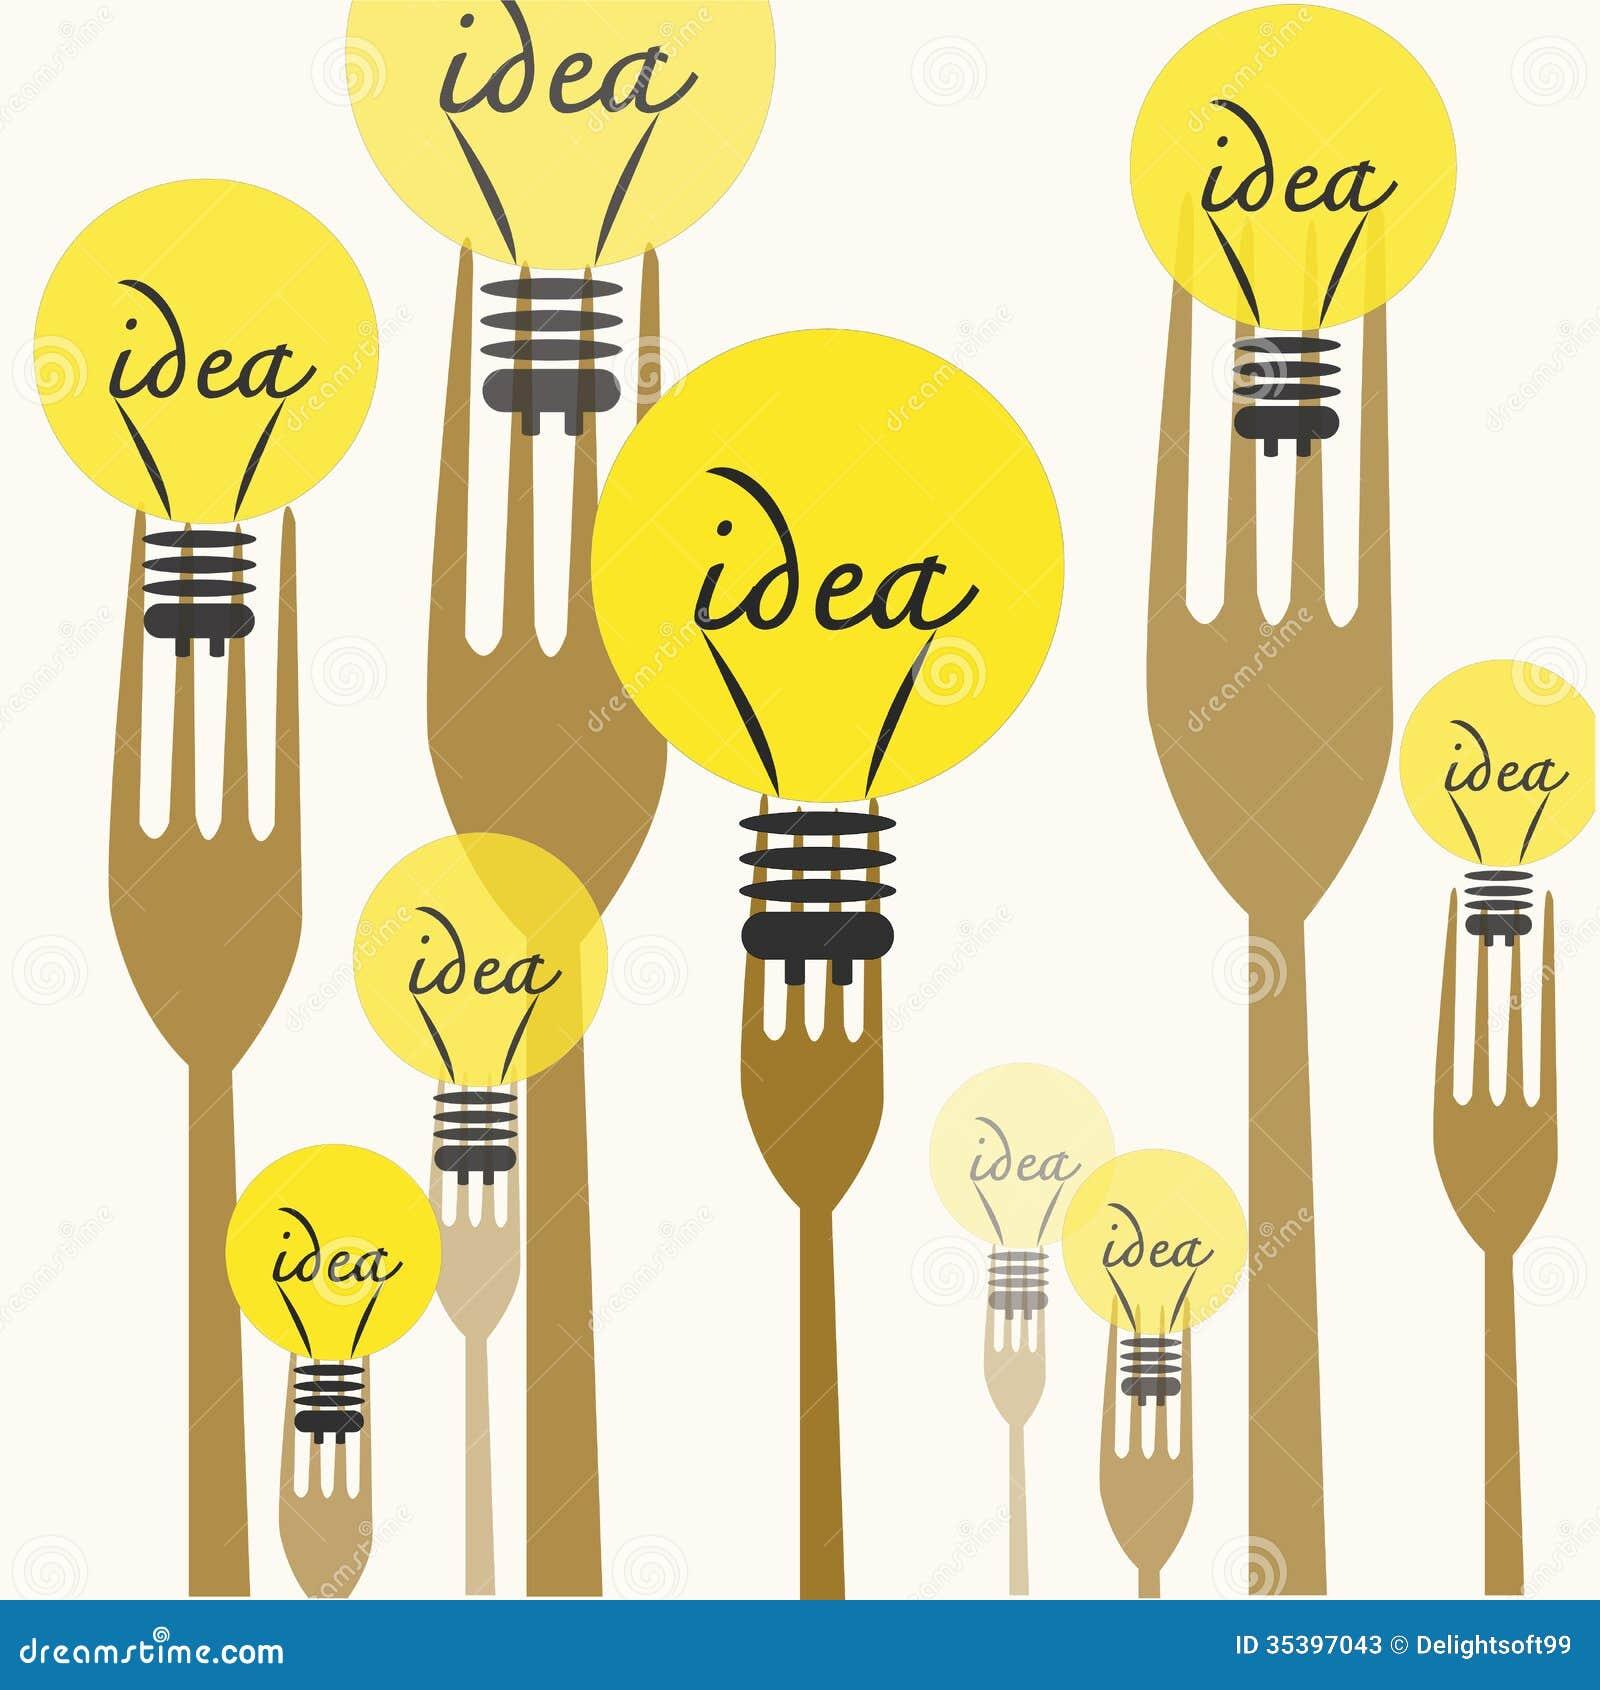 Cocinar ideas ilustración del vector. Ilustración de arte - 35397043